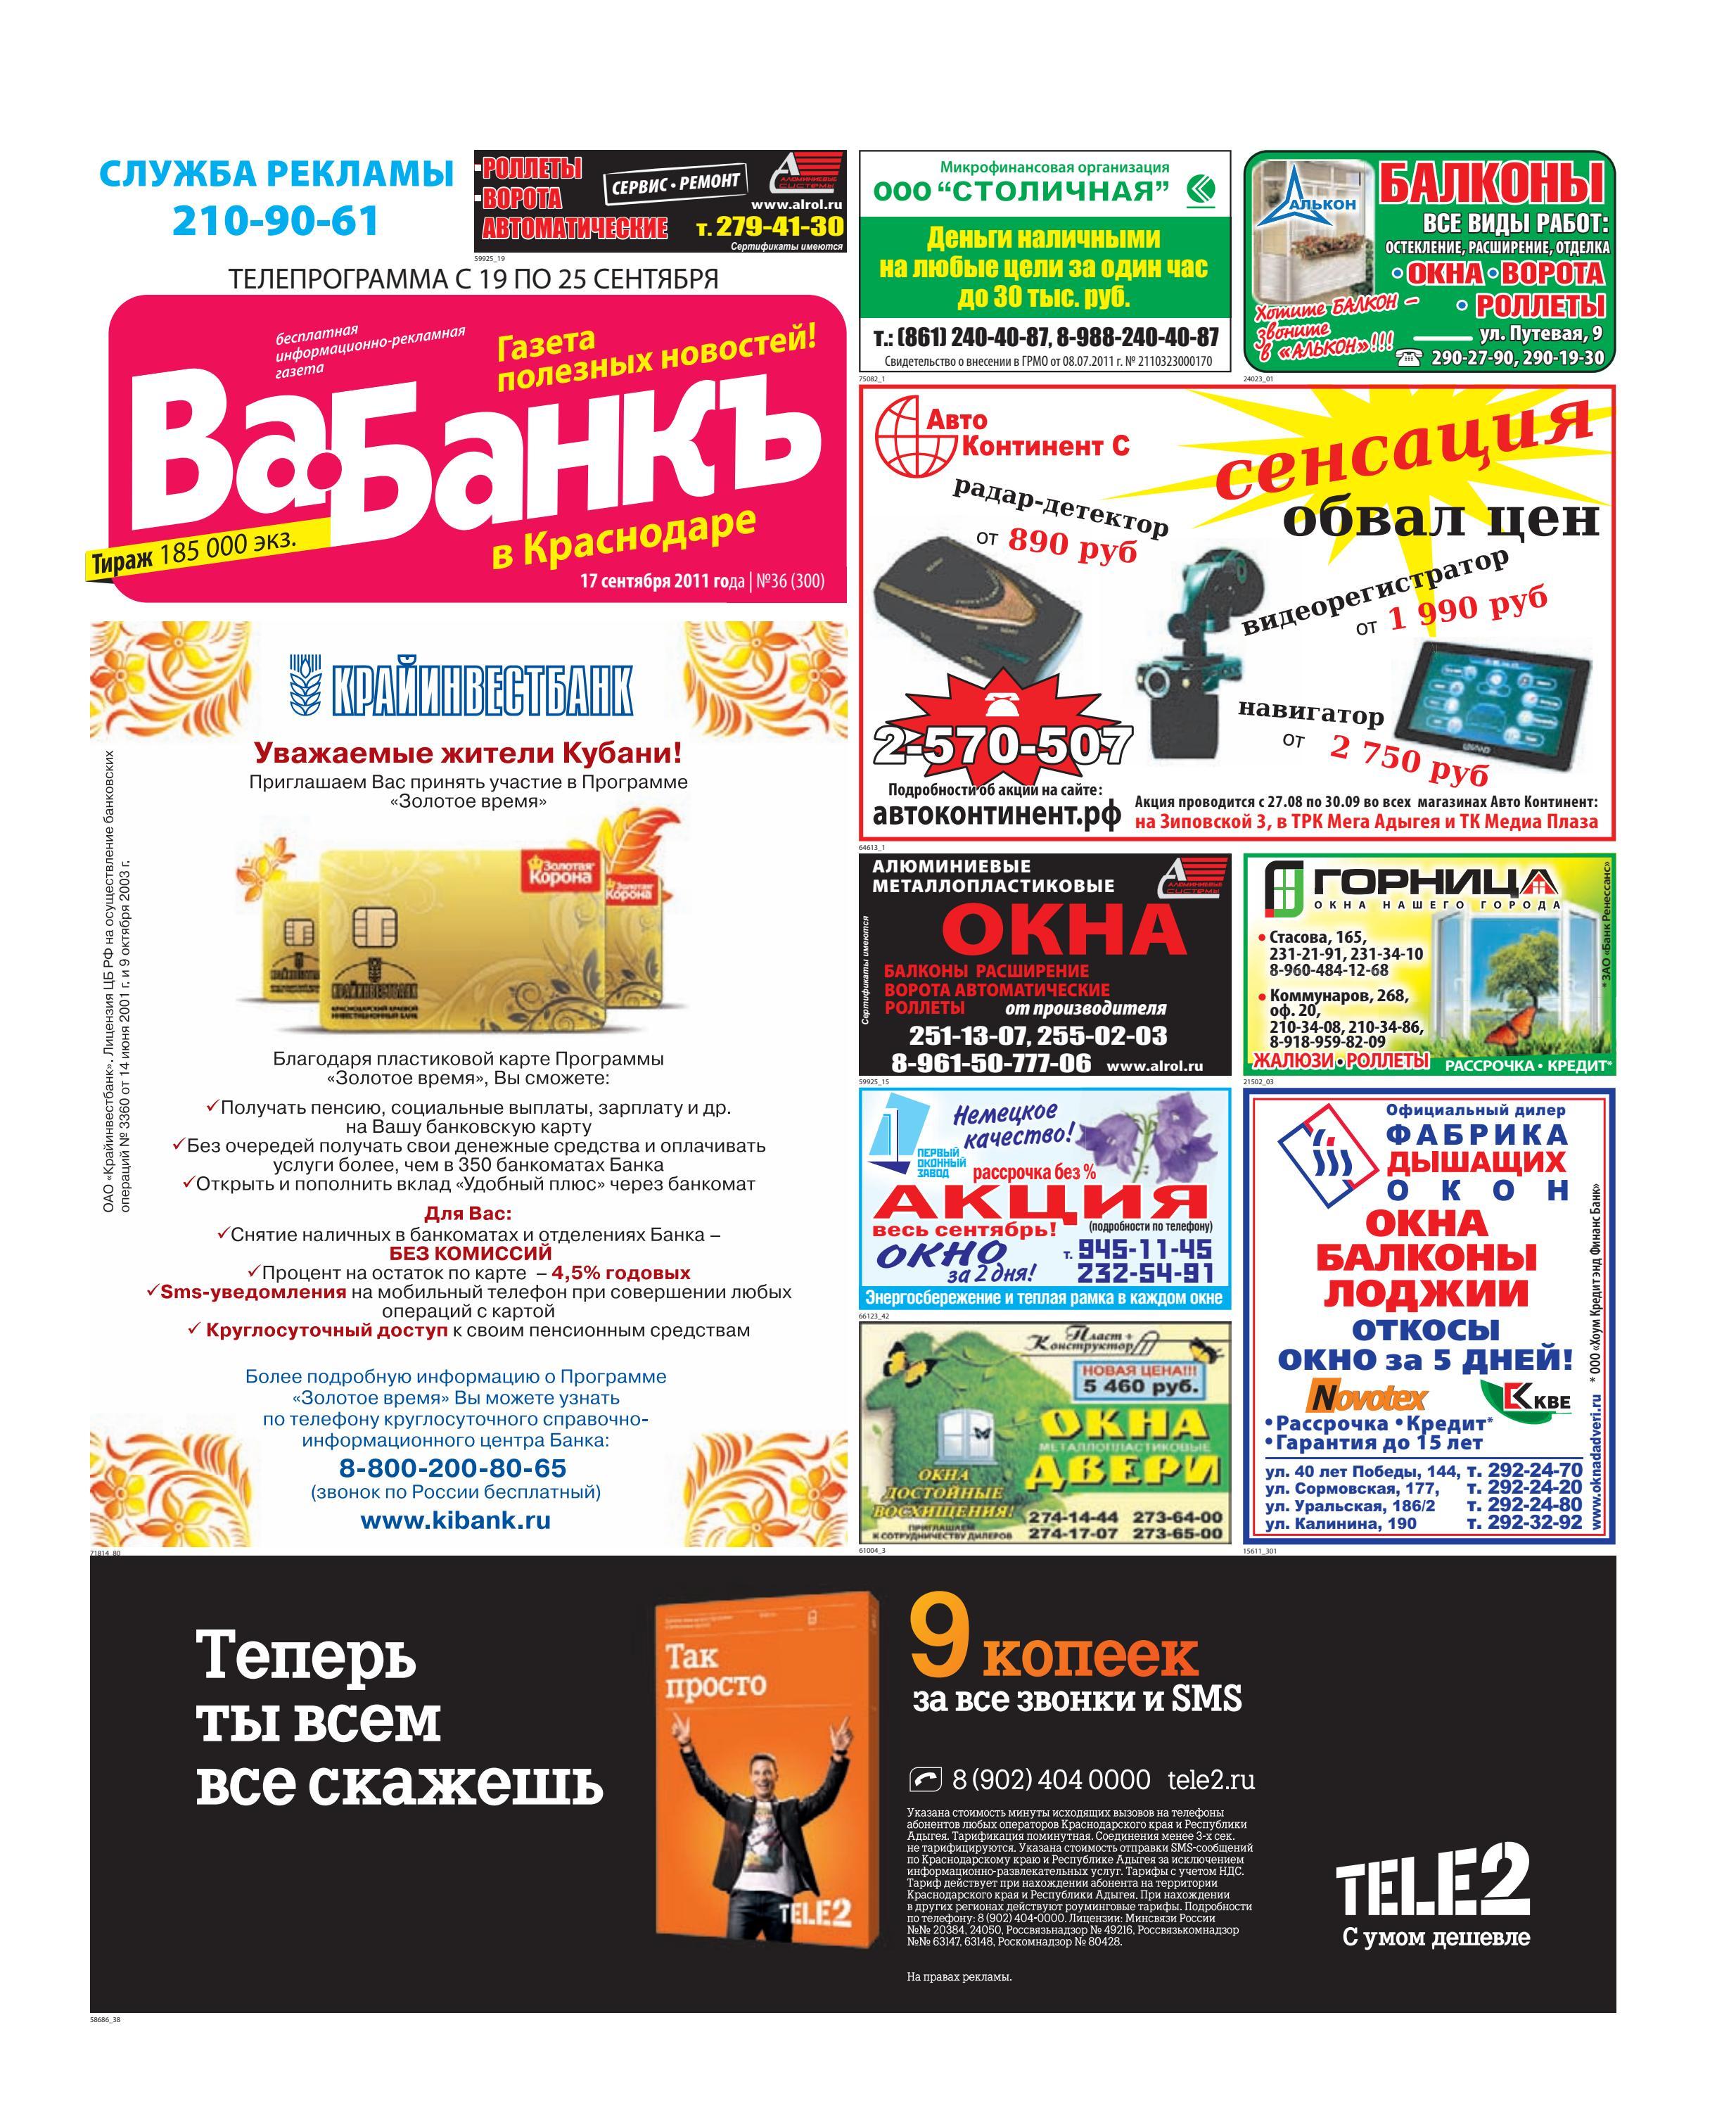 Ва-банкъ в Краснодаре. №300 (от 17.09.11) by Denis Kartashov - issuu fe5577d1ca6